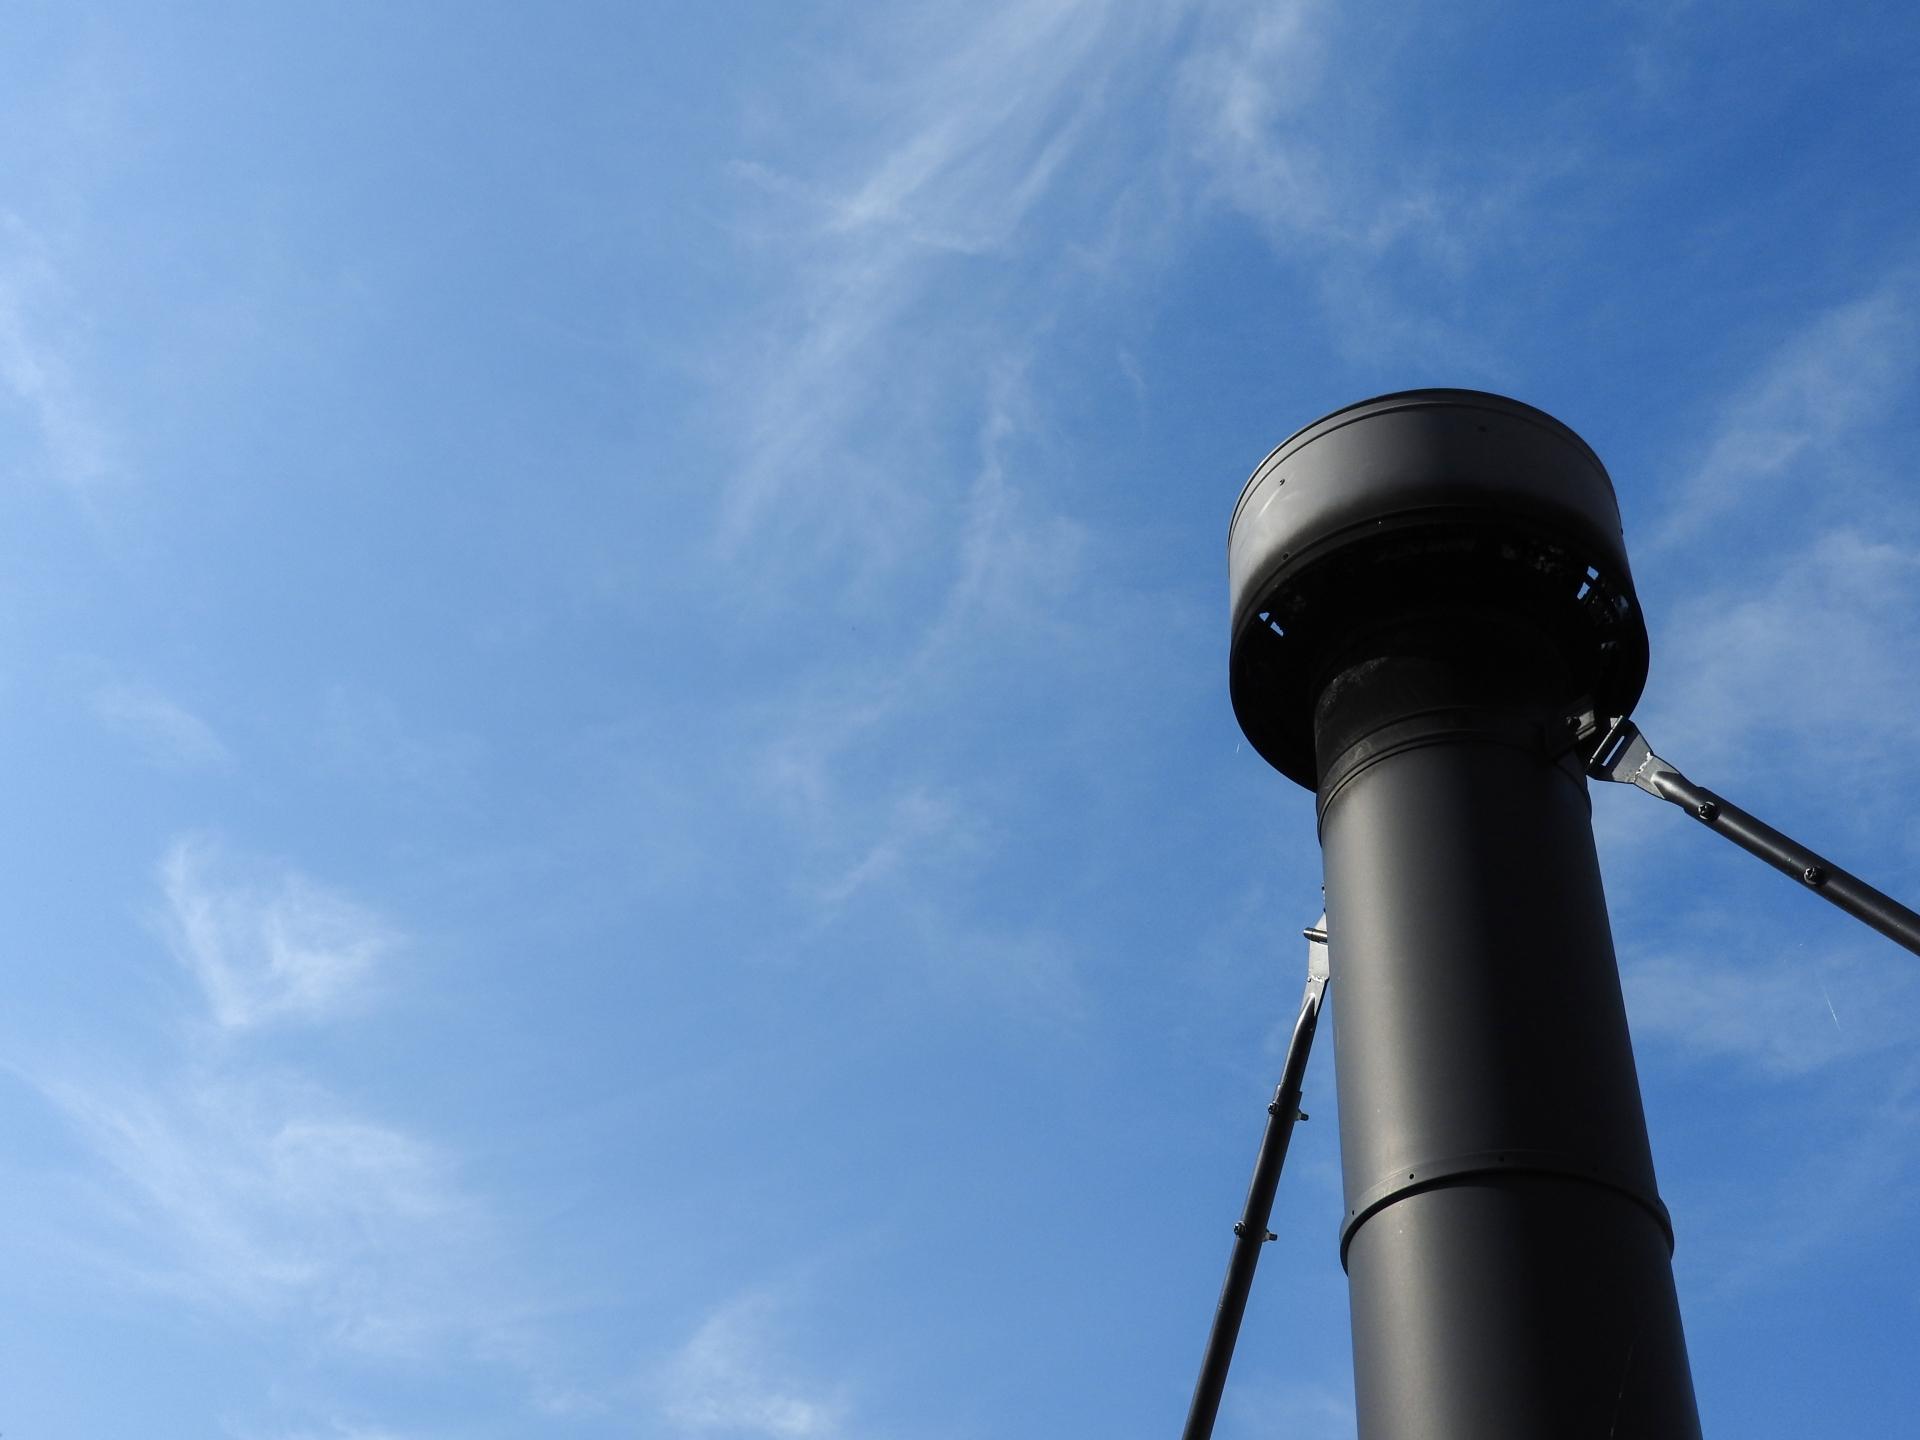 薪ストーブの煙突のある風景